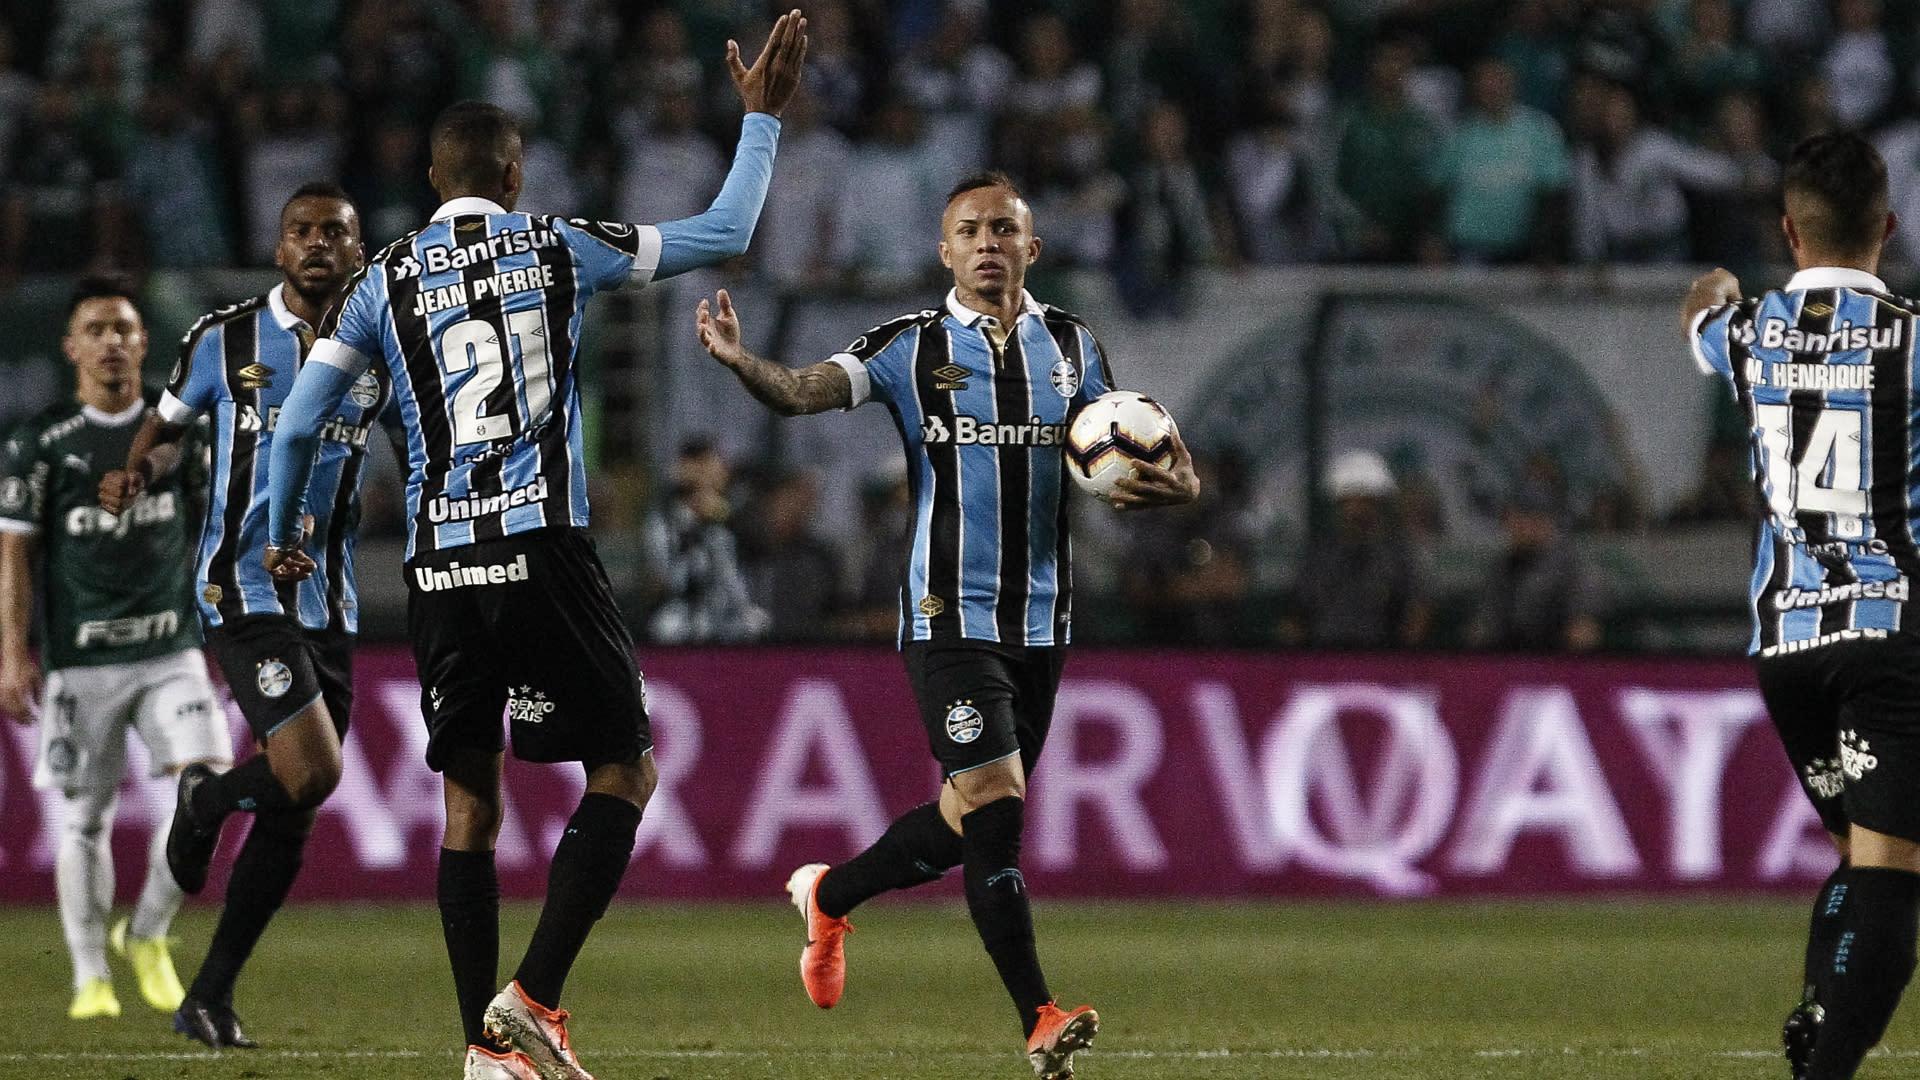 22f6e7b03a67d Palmeiras 1-2 Gremio (2-2 agg): Visitors reach Copa Libertadores ...